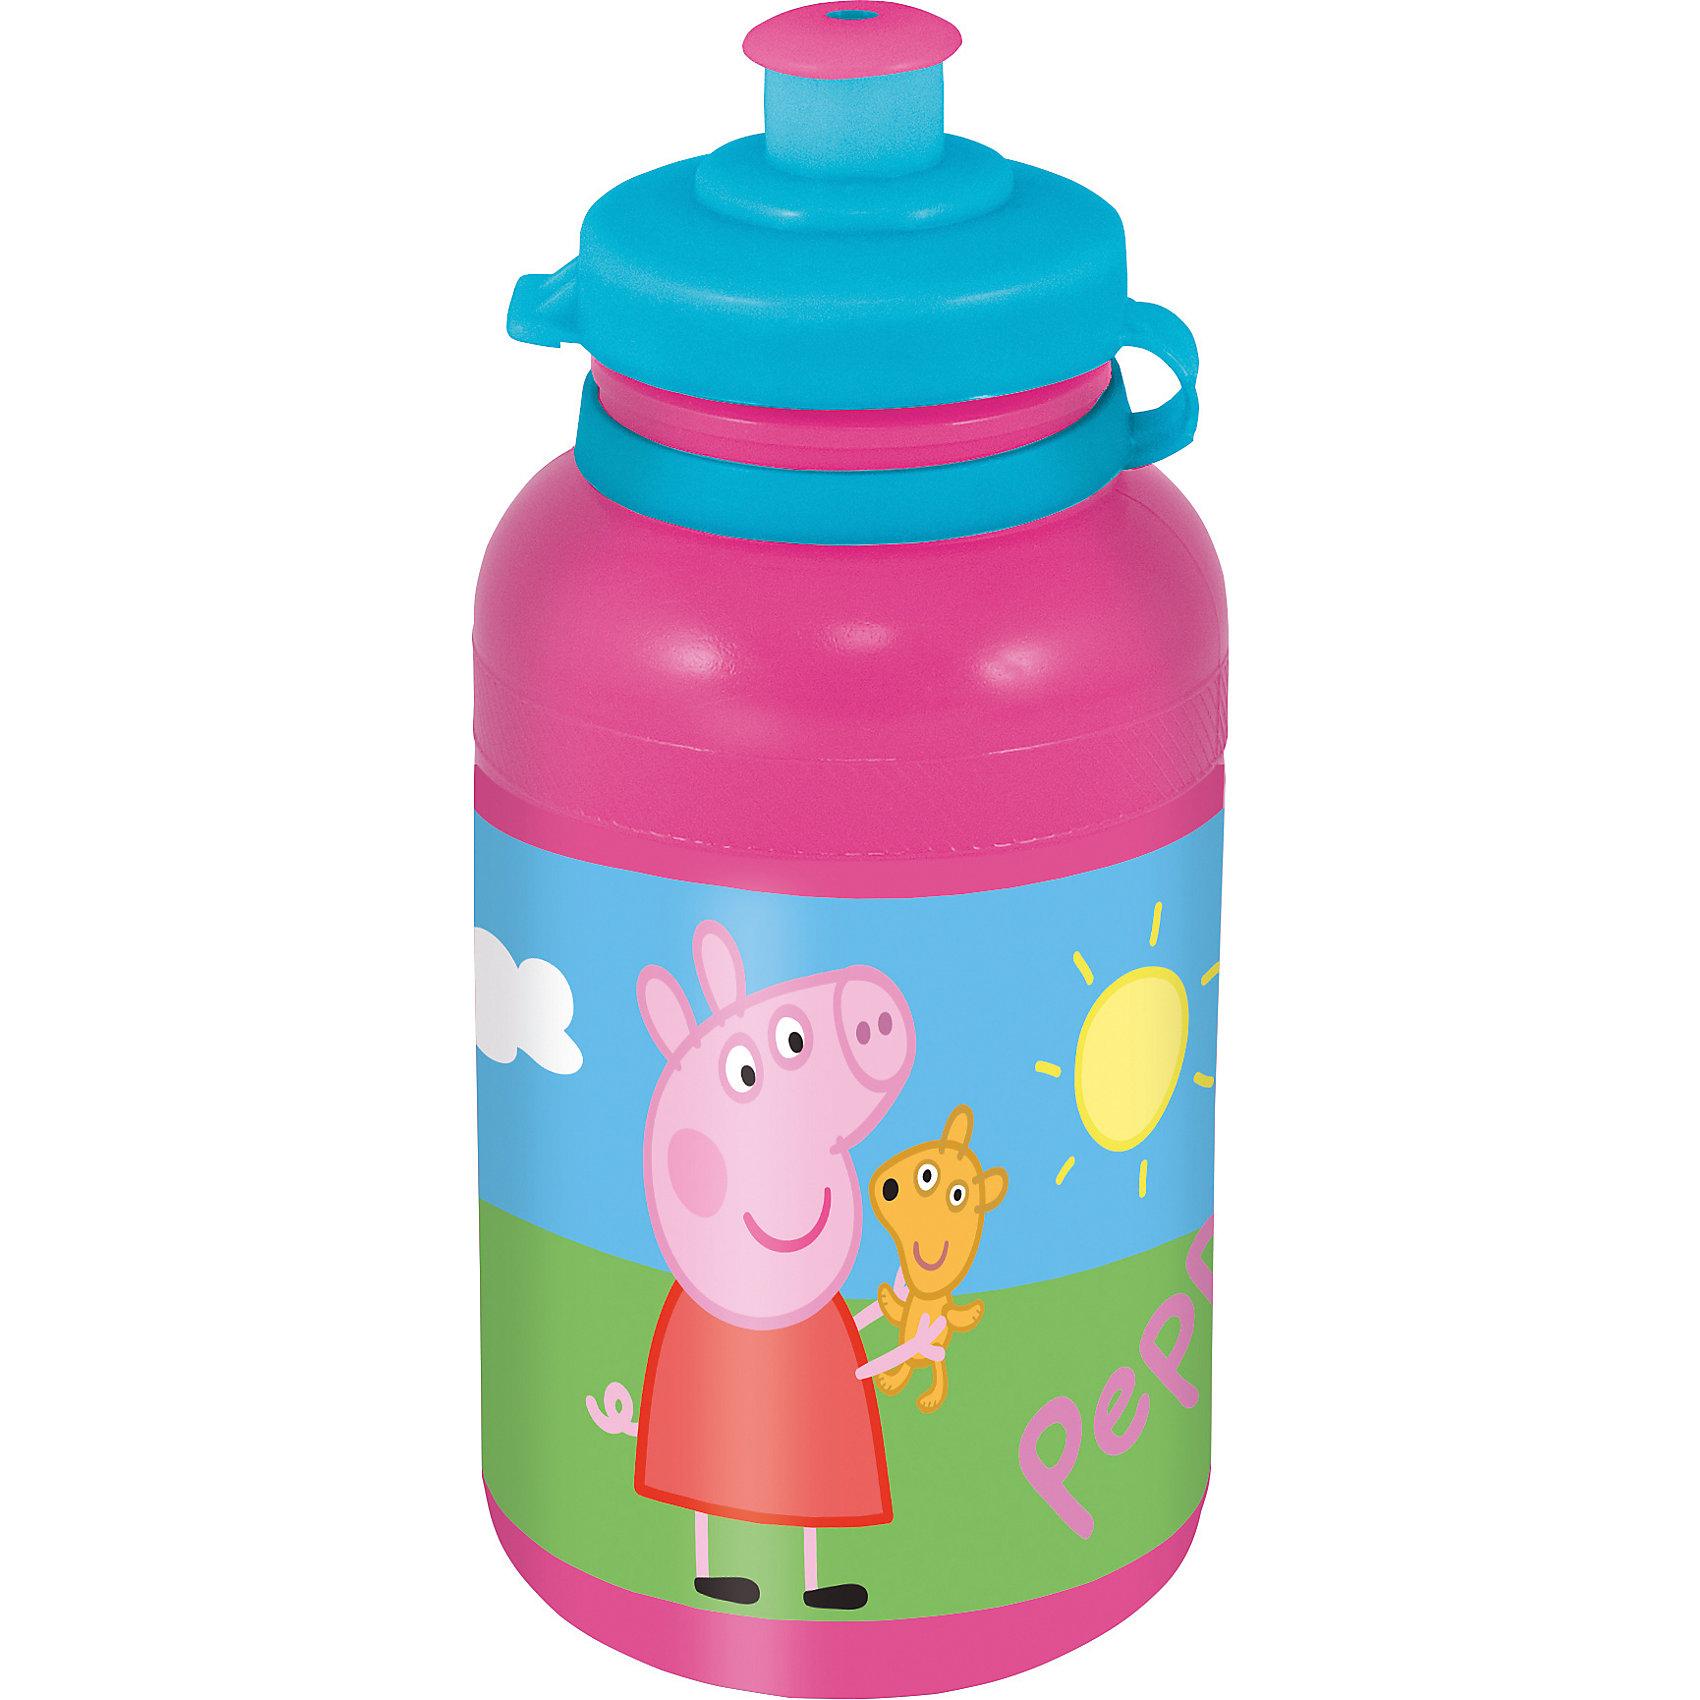 Бутылка пластиковая Свинка Пеппа 400 млХарактеристики товара:<br><br>• материал: пластик<br>• украшена рисунком<br>• размер: 6,5х6,5х15 см<br>• вес: 40 г<br>• объем: 400 мл<br>• страна бренда: Испания<br>• страна производства: Китай<br><br>Такая бутылка станет отличным подарком для ребенка! Она отличается тем, что на предмете изображены персонажи из мультфильма Свинка Пеппа. Есть или пить из предметов с любимым героем многих современных детей - всегда приятнее. Бутылочка очень удобна, объем оптимален для детей, сюда как раз вместится необходимый для одной тренировки объем воды. Плюс - изделие дополнено специальной крышкой. Использовать его можно и в школе, и на улице!<br>Бутылка выпущена в удобном формате, размер - универсальный. Изделие производится из качественных и проверенных материалов, которые безопасны для детей.<br><br>Бутылку пластиковую Свинка Пеппа 400 мл можно купить в нашем интернет-магазине.<br><br>Ширина мм: 65<br>Глубина мм: 65<br>Высота мм: 150<br>Вес г: 40<br>Возраст от месяцев: 36<br>Возраст до месяцев: 108<br>Пол: Женский<br>Возраст: Детский<br>SKU: 5282073